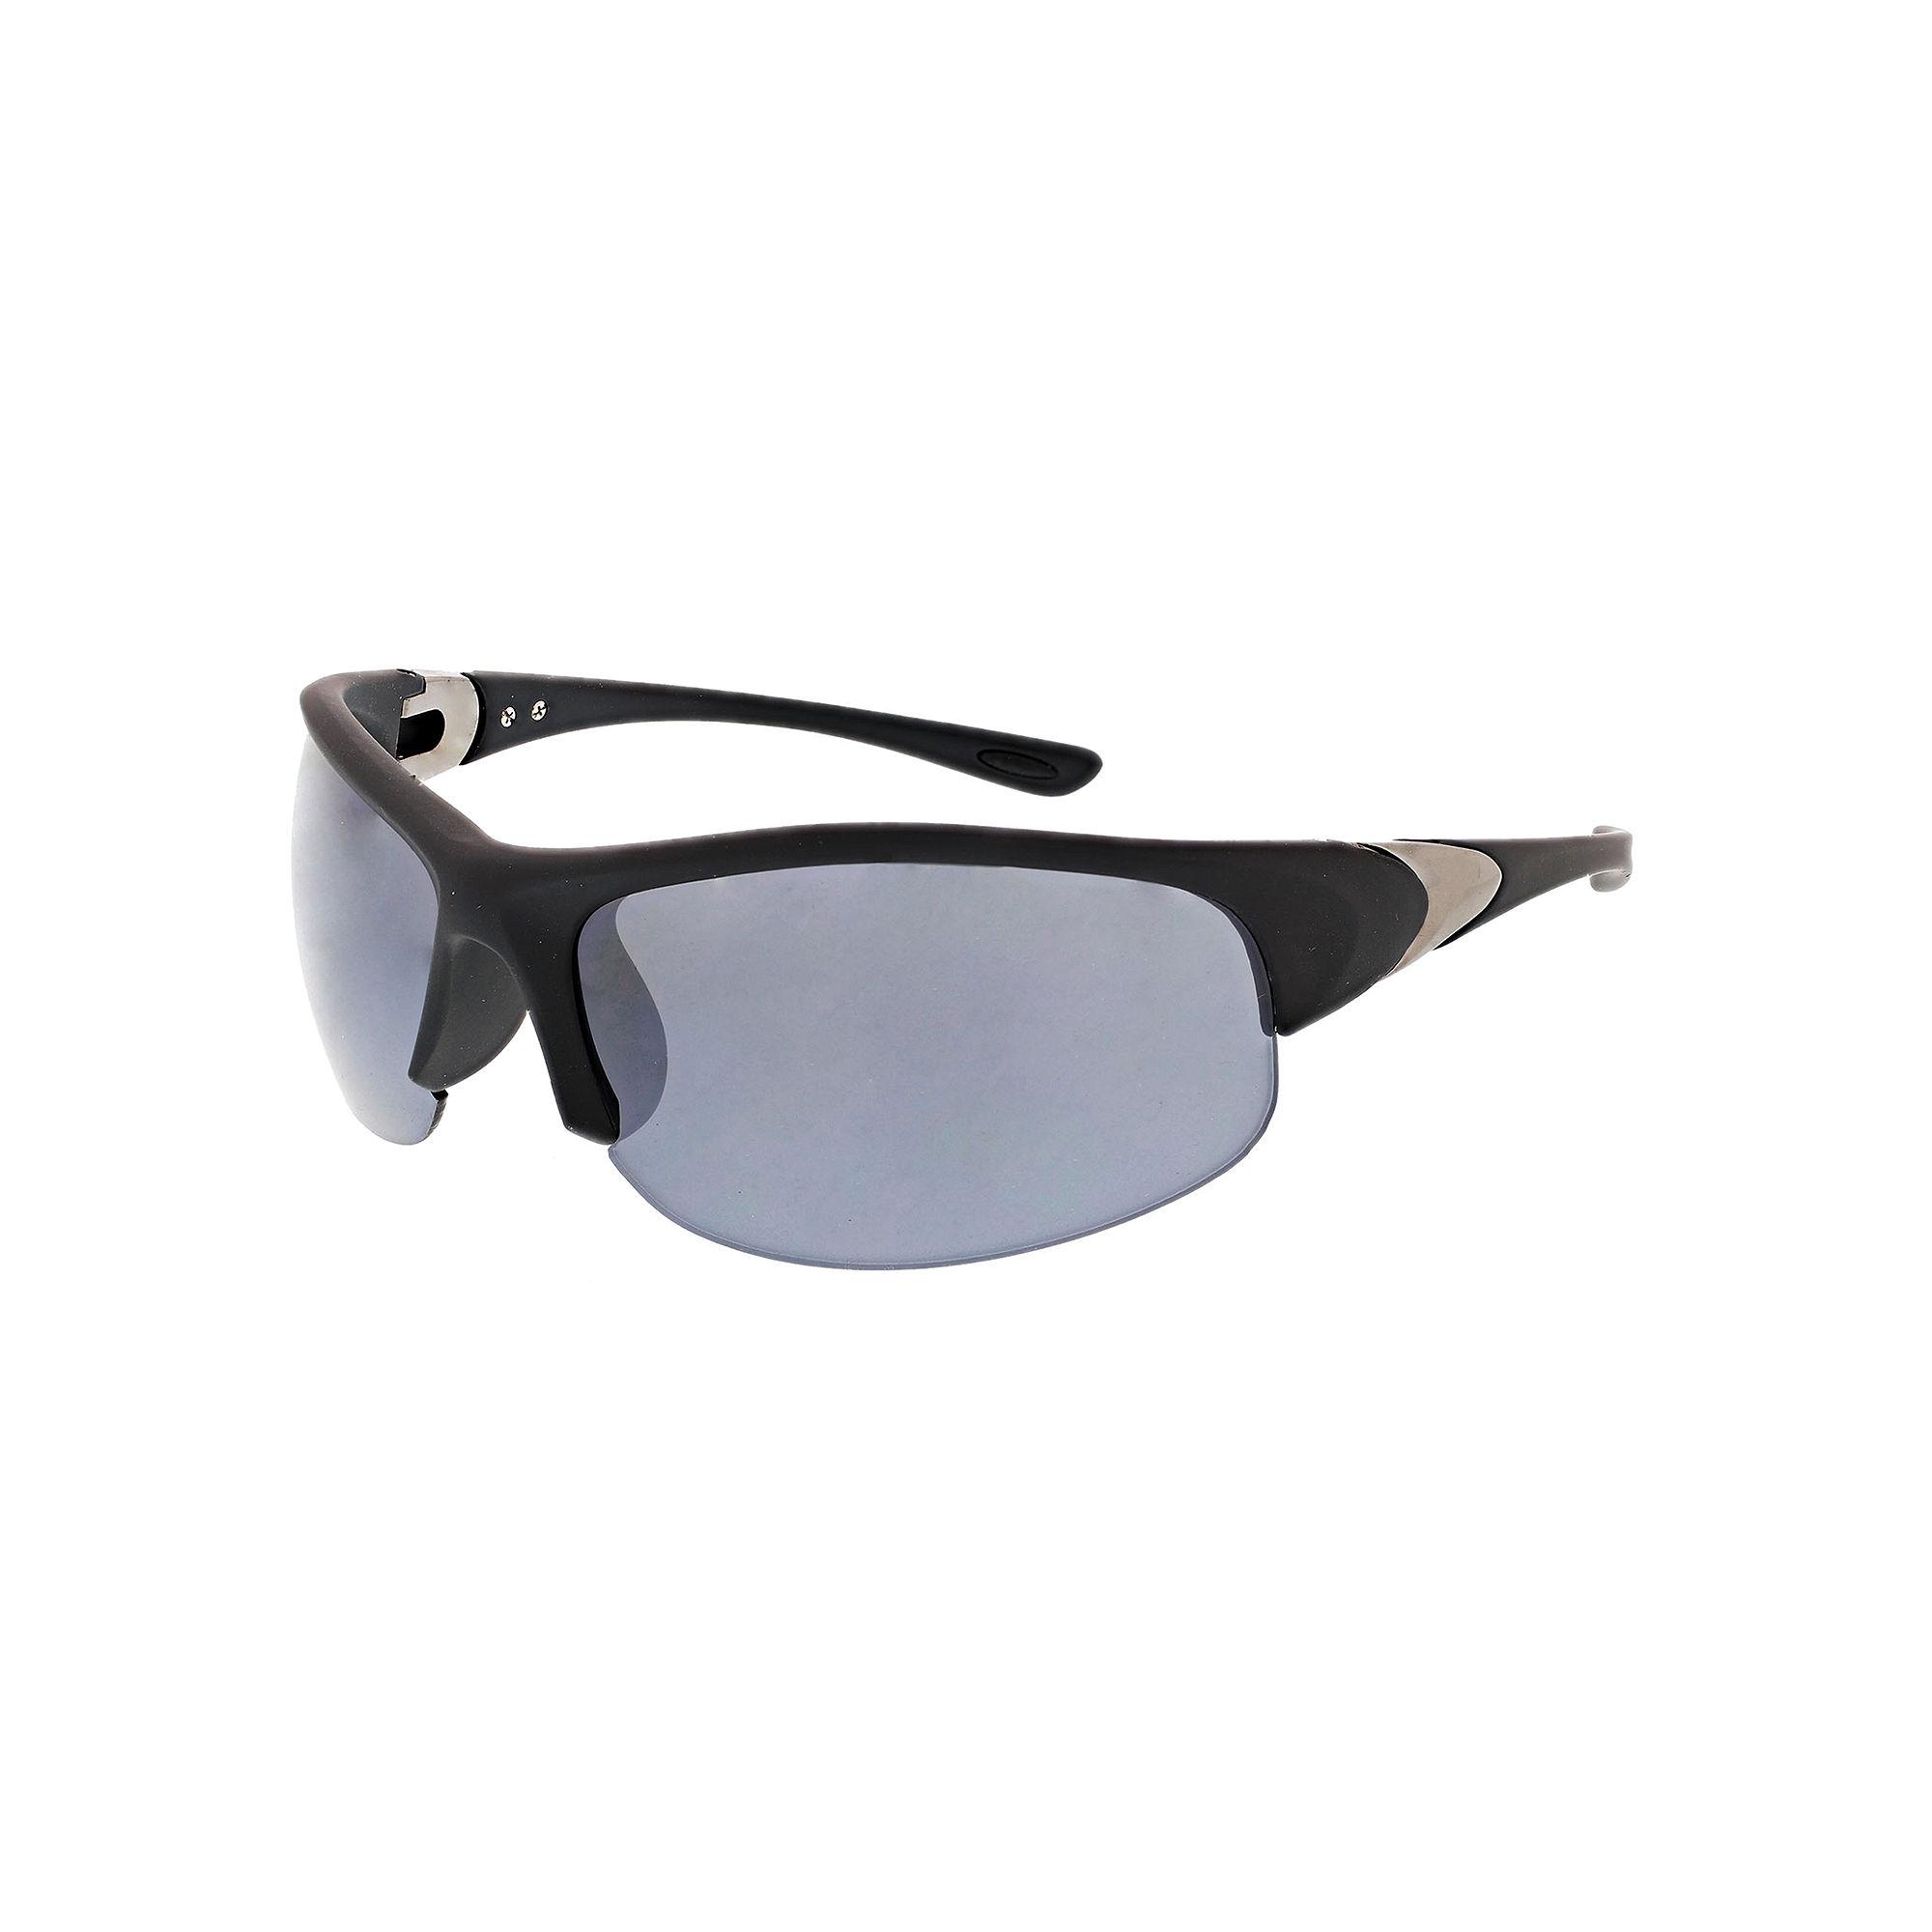 HTX Semi-Rimless Sunglasses - Big & Tall